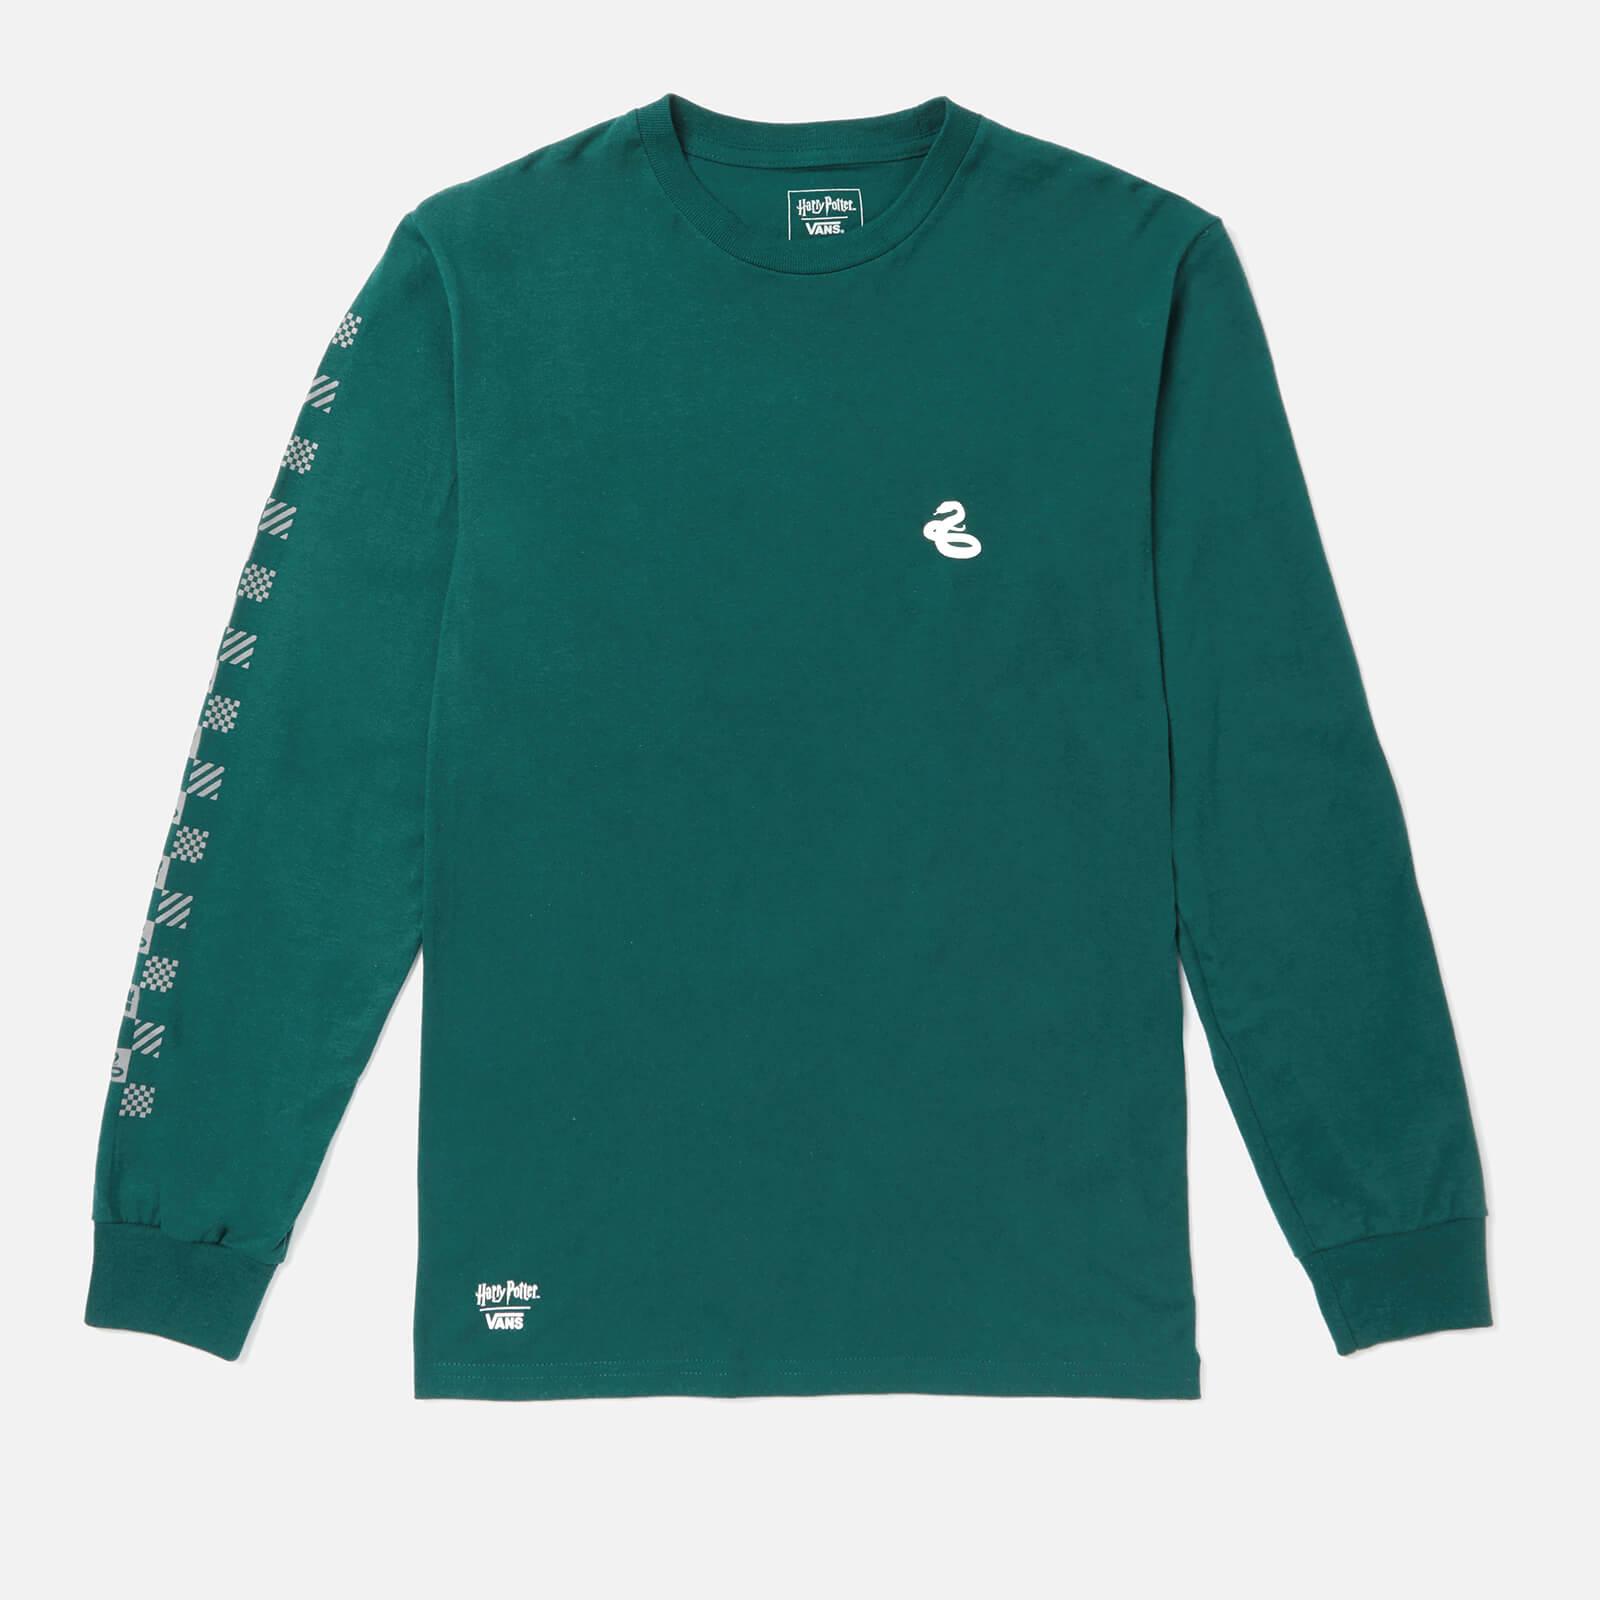 Vans X Harry Potter Men's Slytherin Long Sleeve T-Shirt - Trekking Green - XL - Green